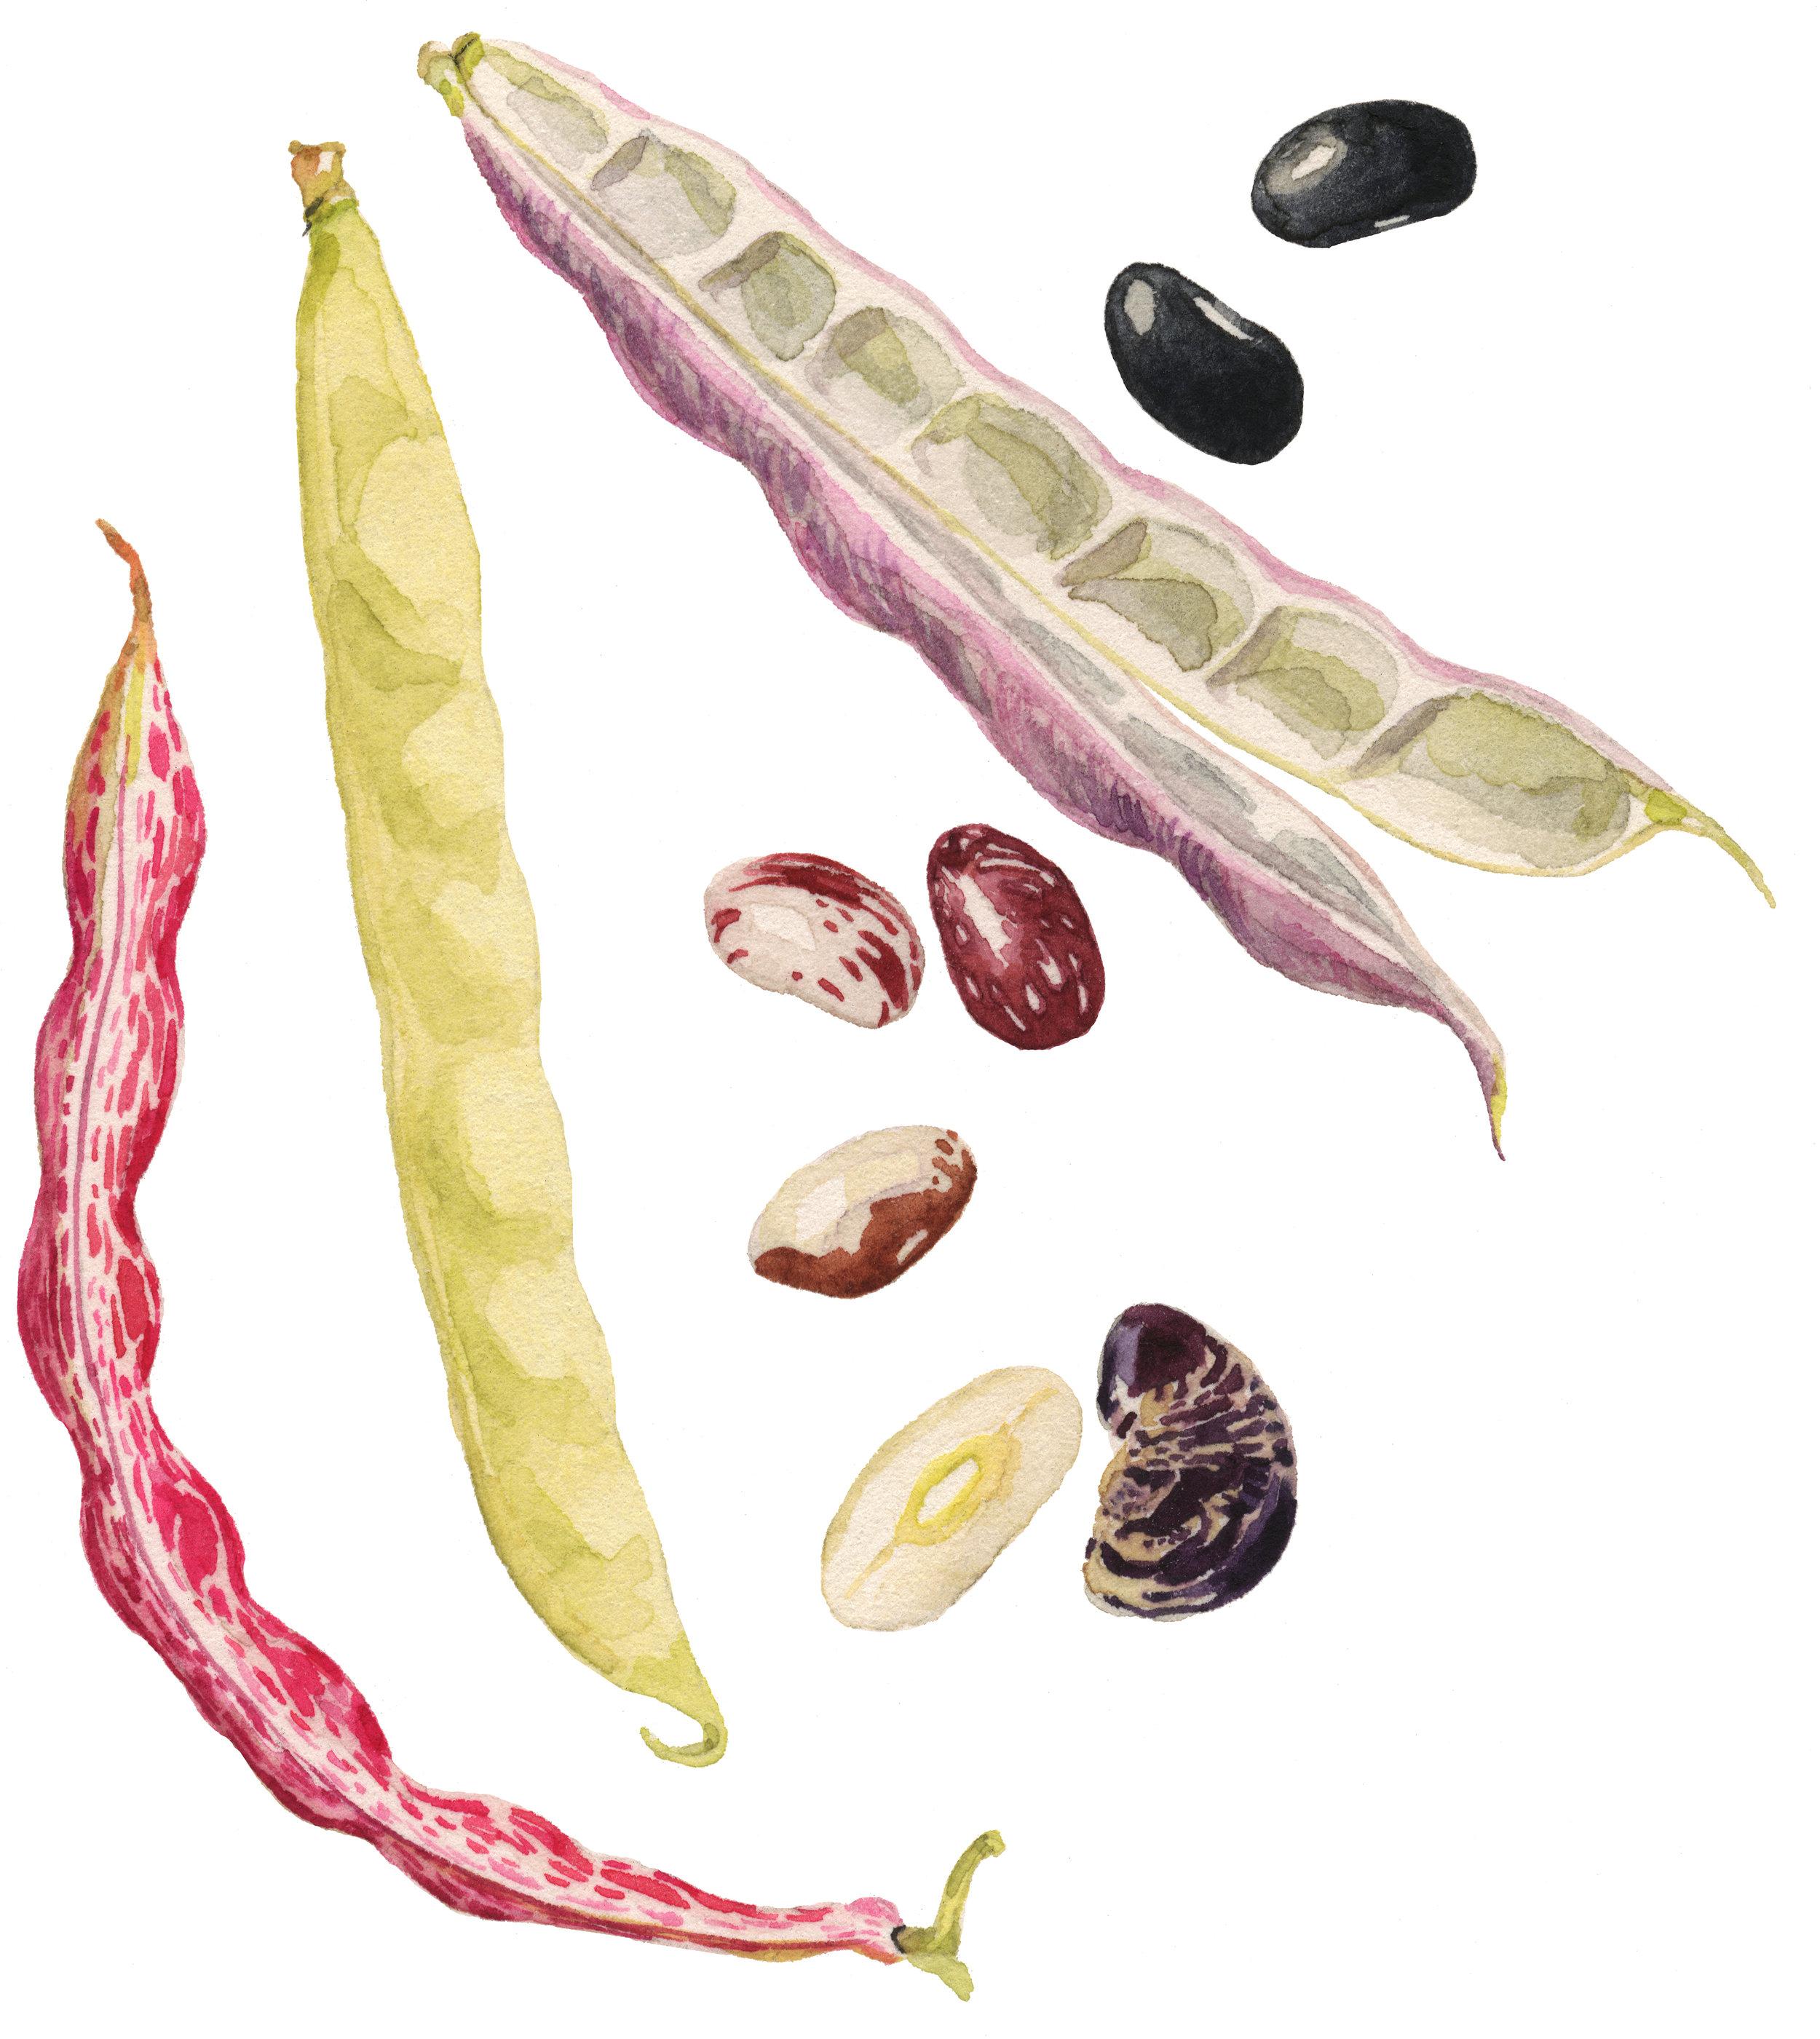 23-shell-beans-lrg.jpg